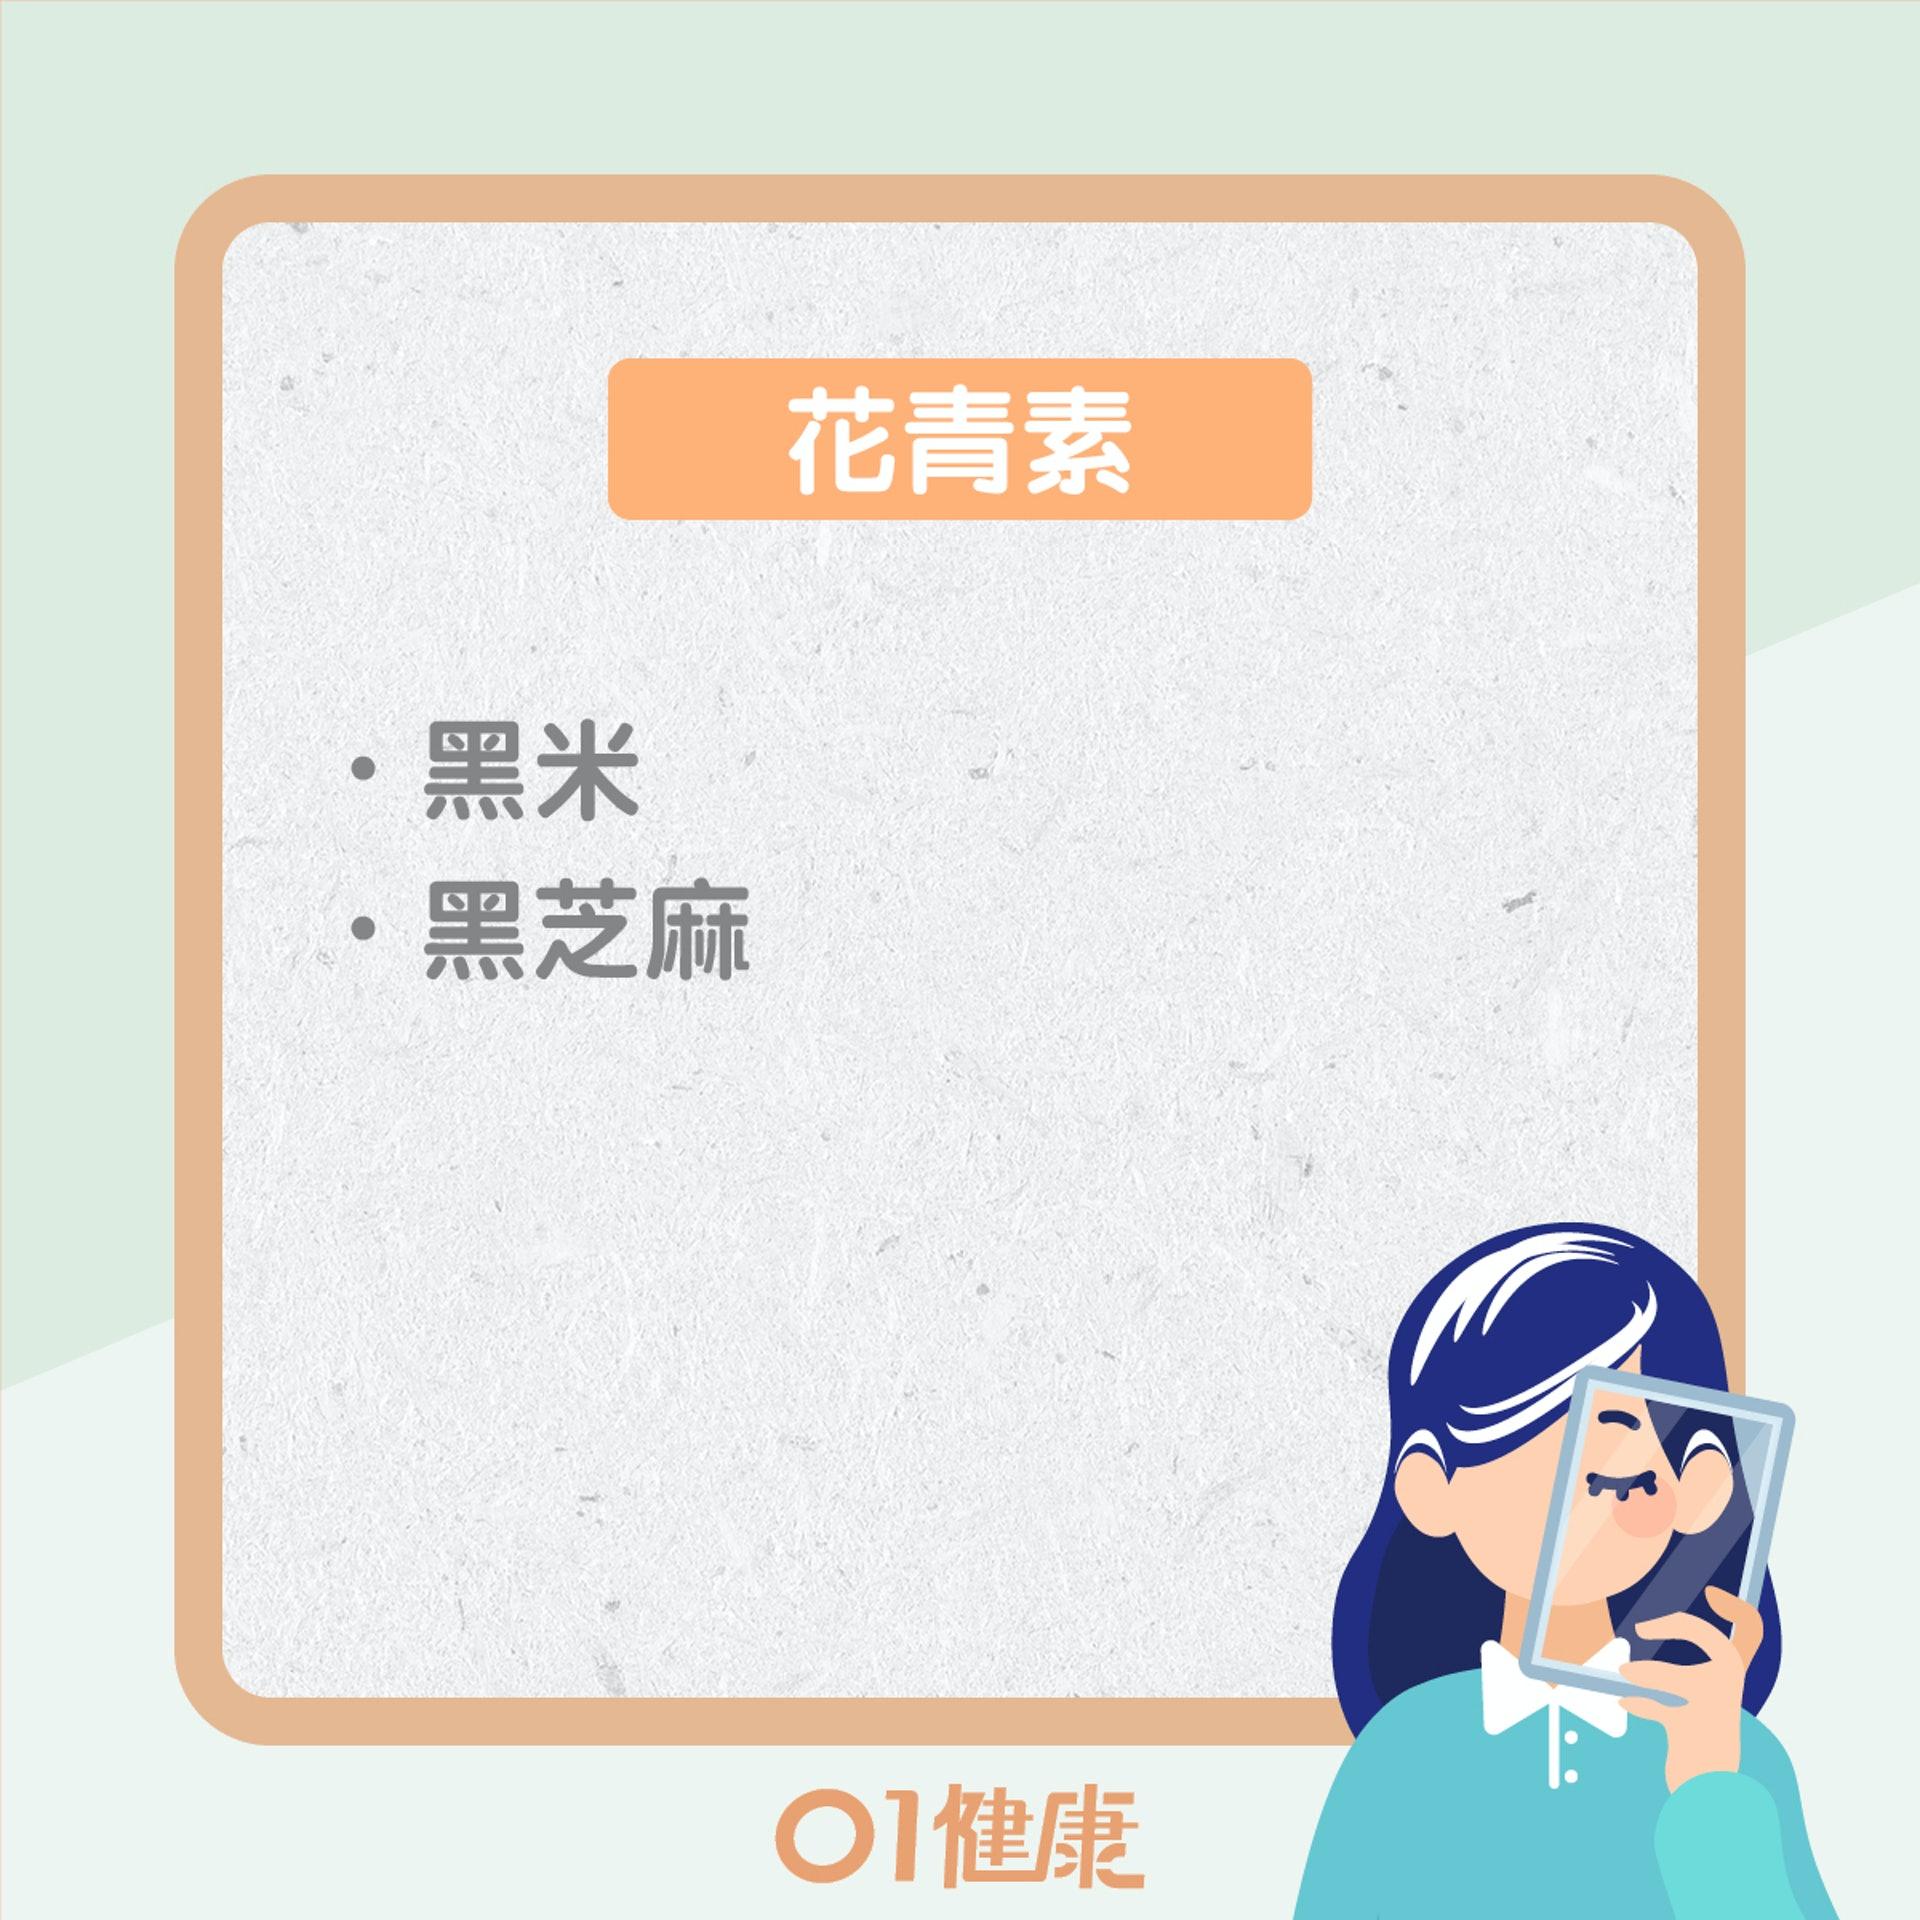 4類養髮食物例子(01製圖)